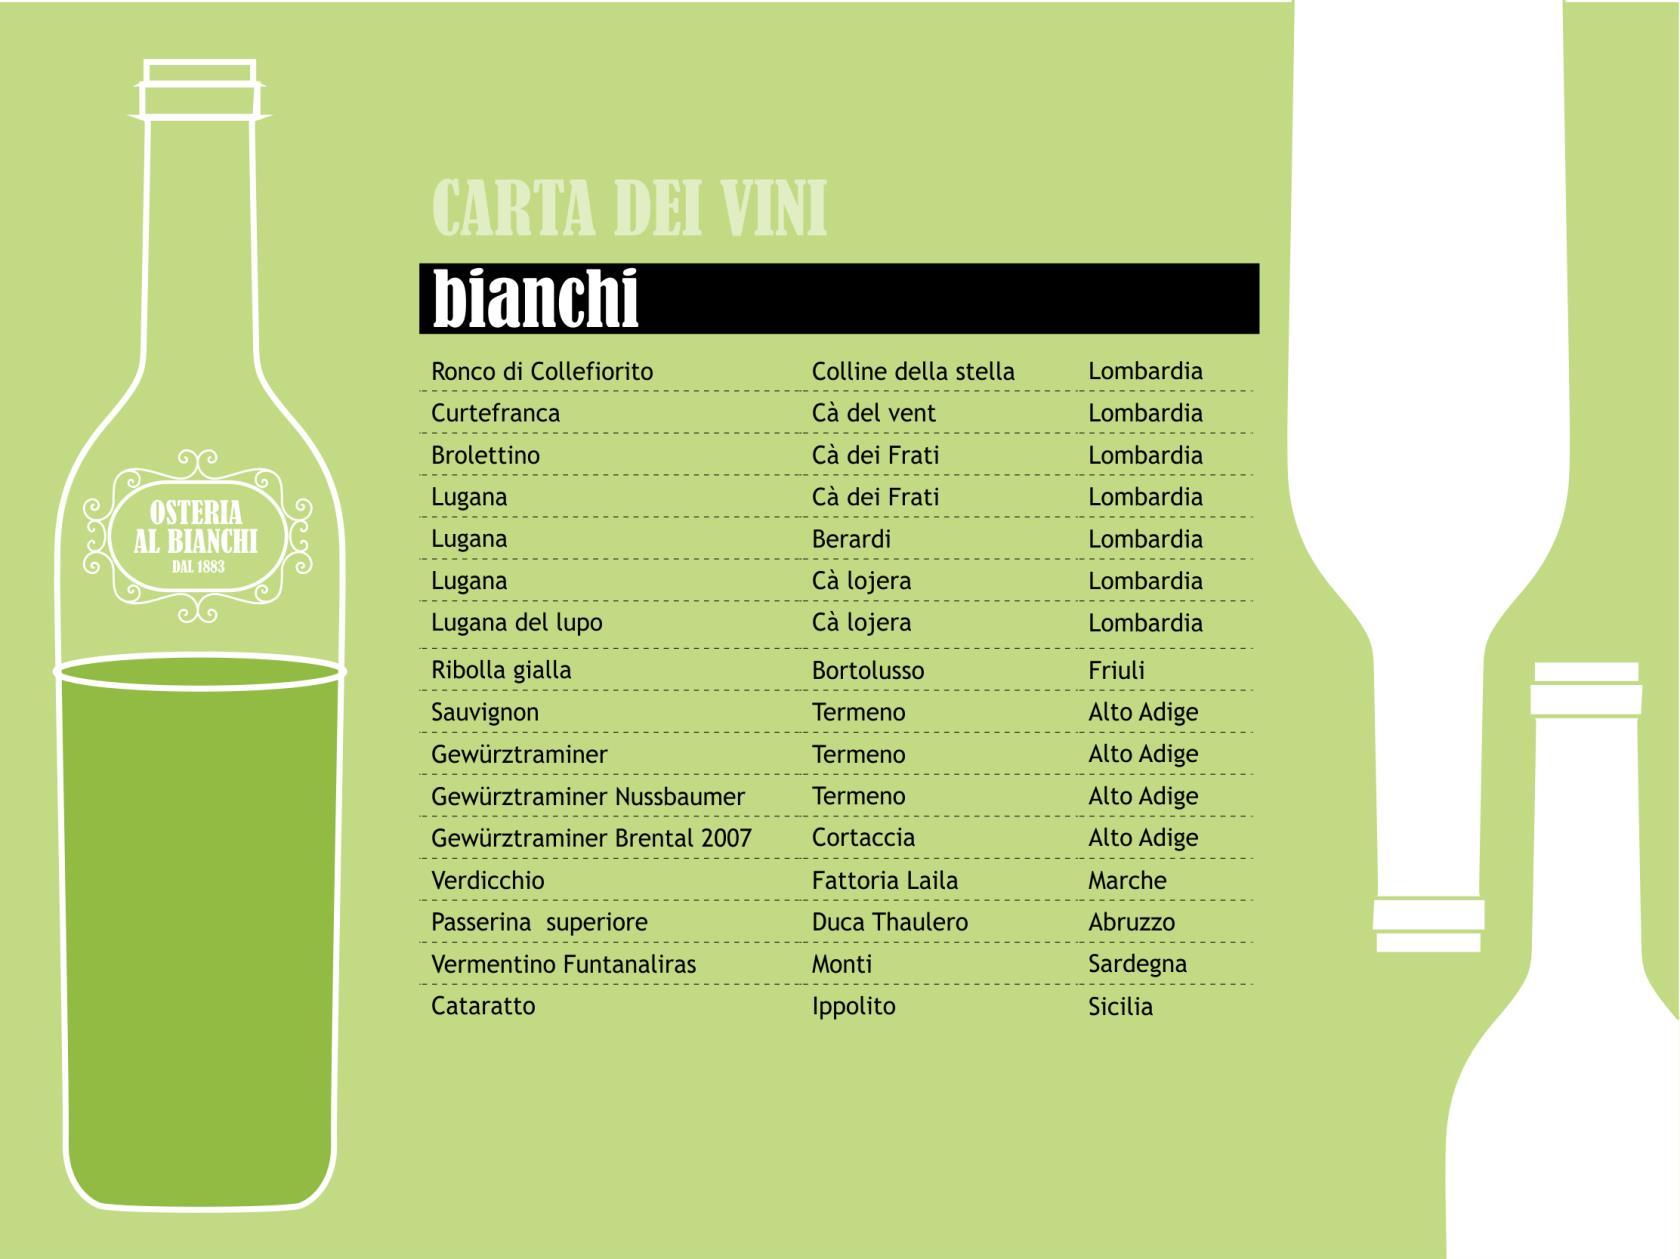 carta dei vini bianchi - piatti tipici bresciani - aperitivi - brescia centro